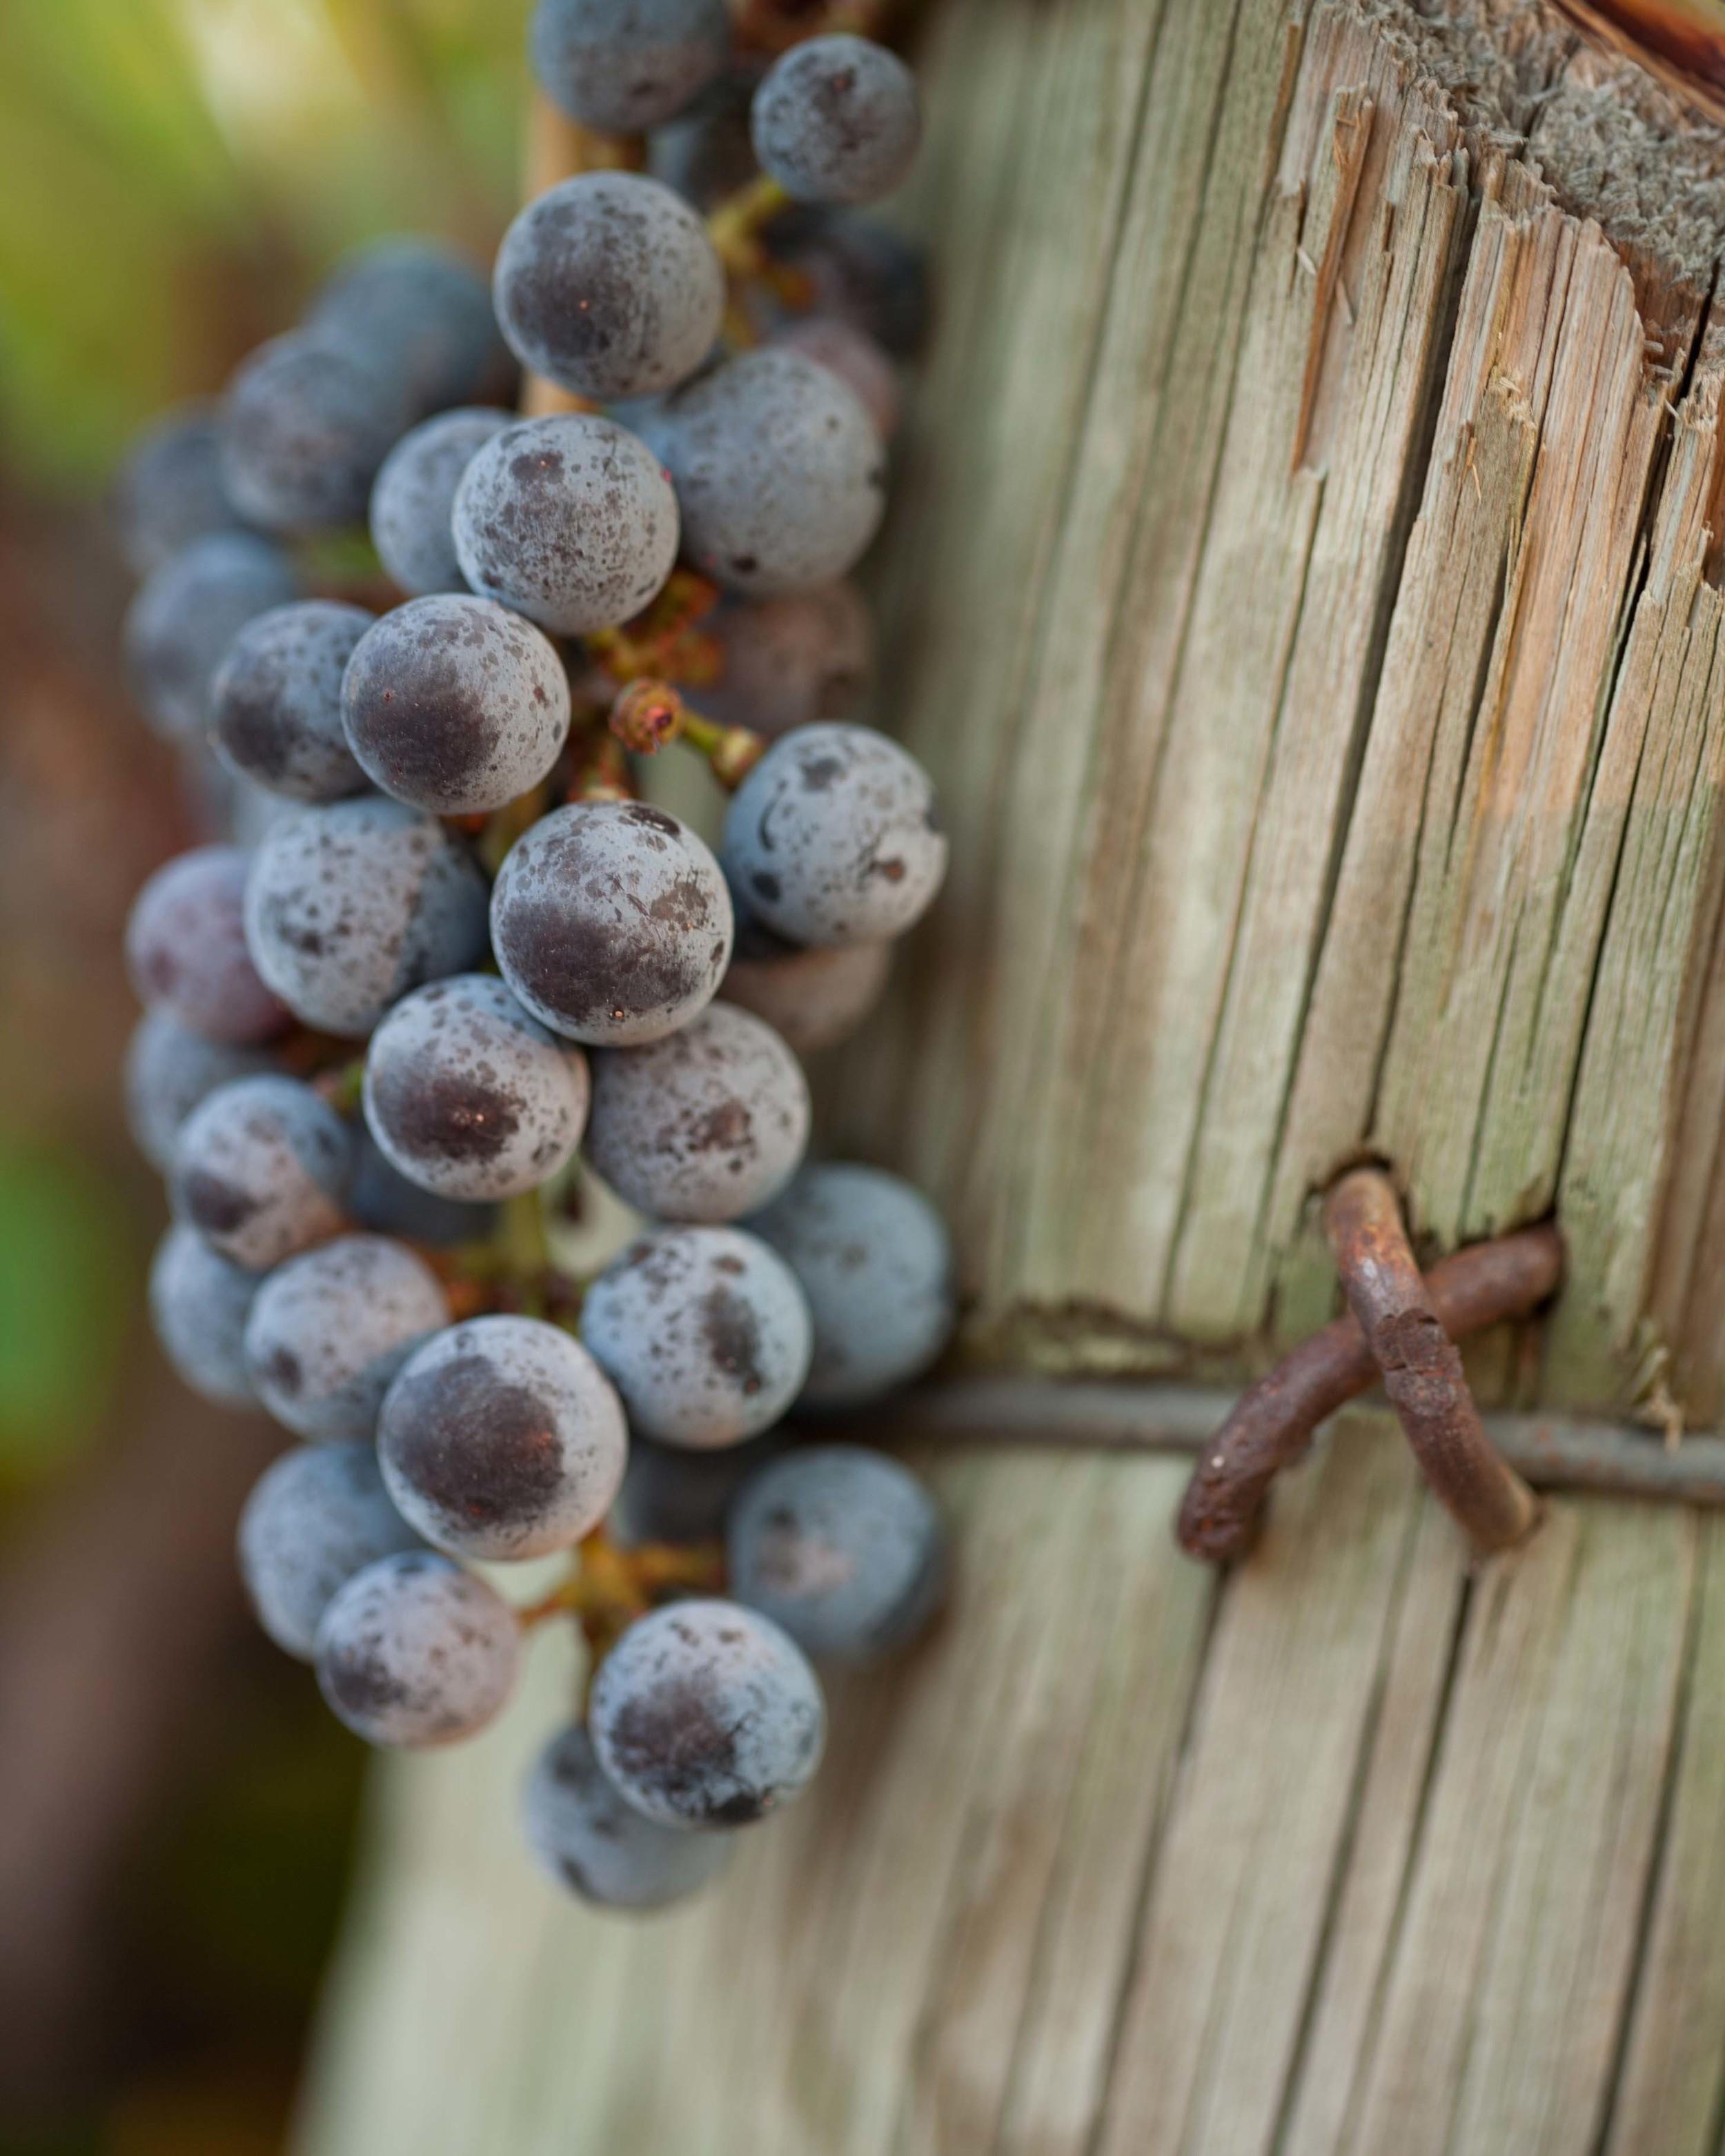 grapes_on_post_kiepersol.jpg